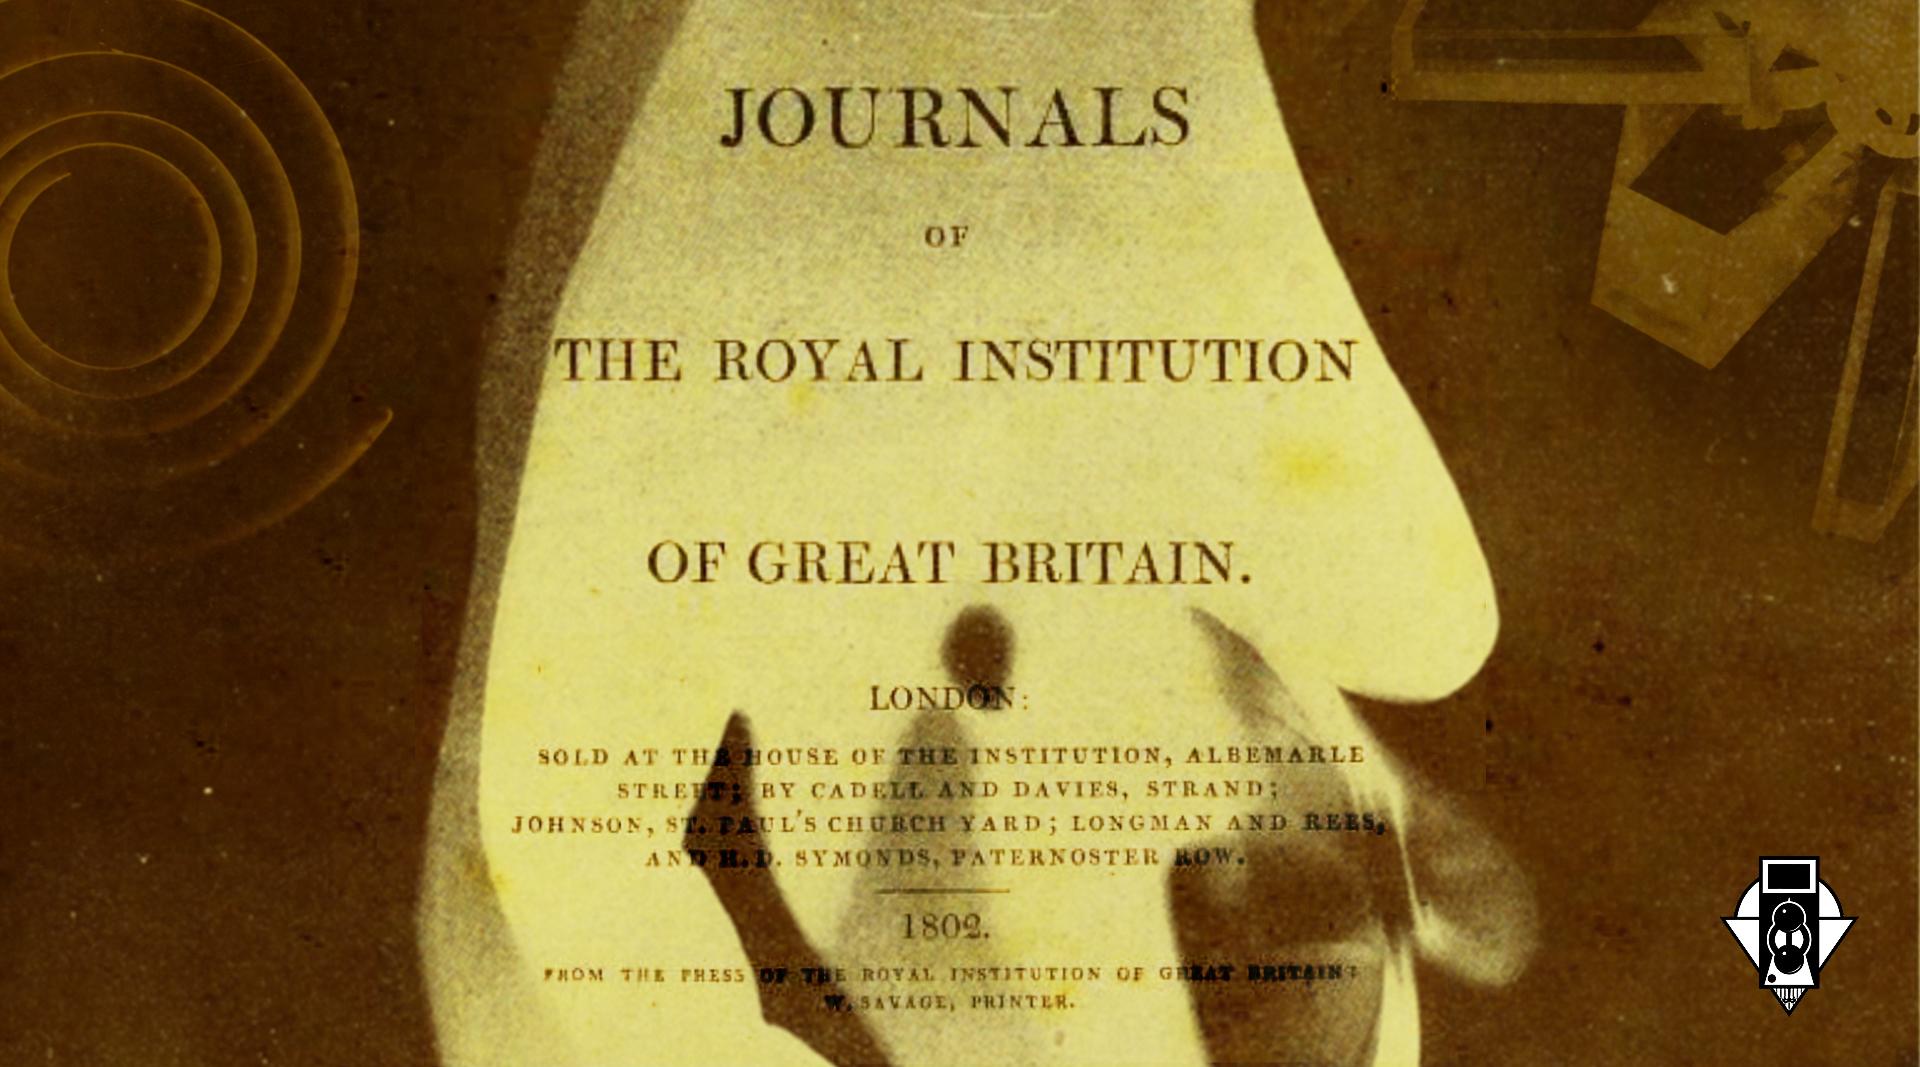 Доклад о методе копирования изображений на стекло. 1802 г. Т. Веджвуд, Х. Дэйви